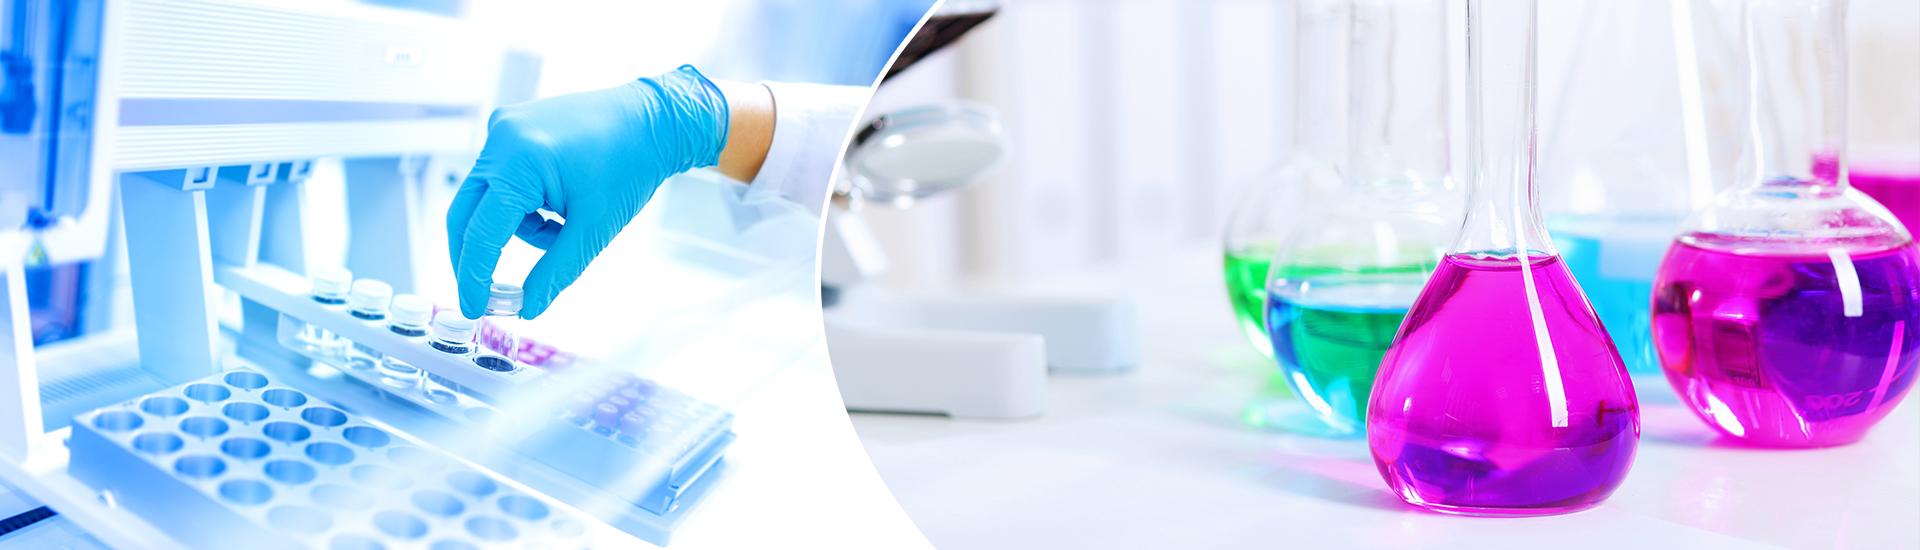 Primer laboratorio en Chile especializado en la caracterización de residuos industriales.